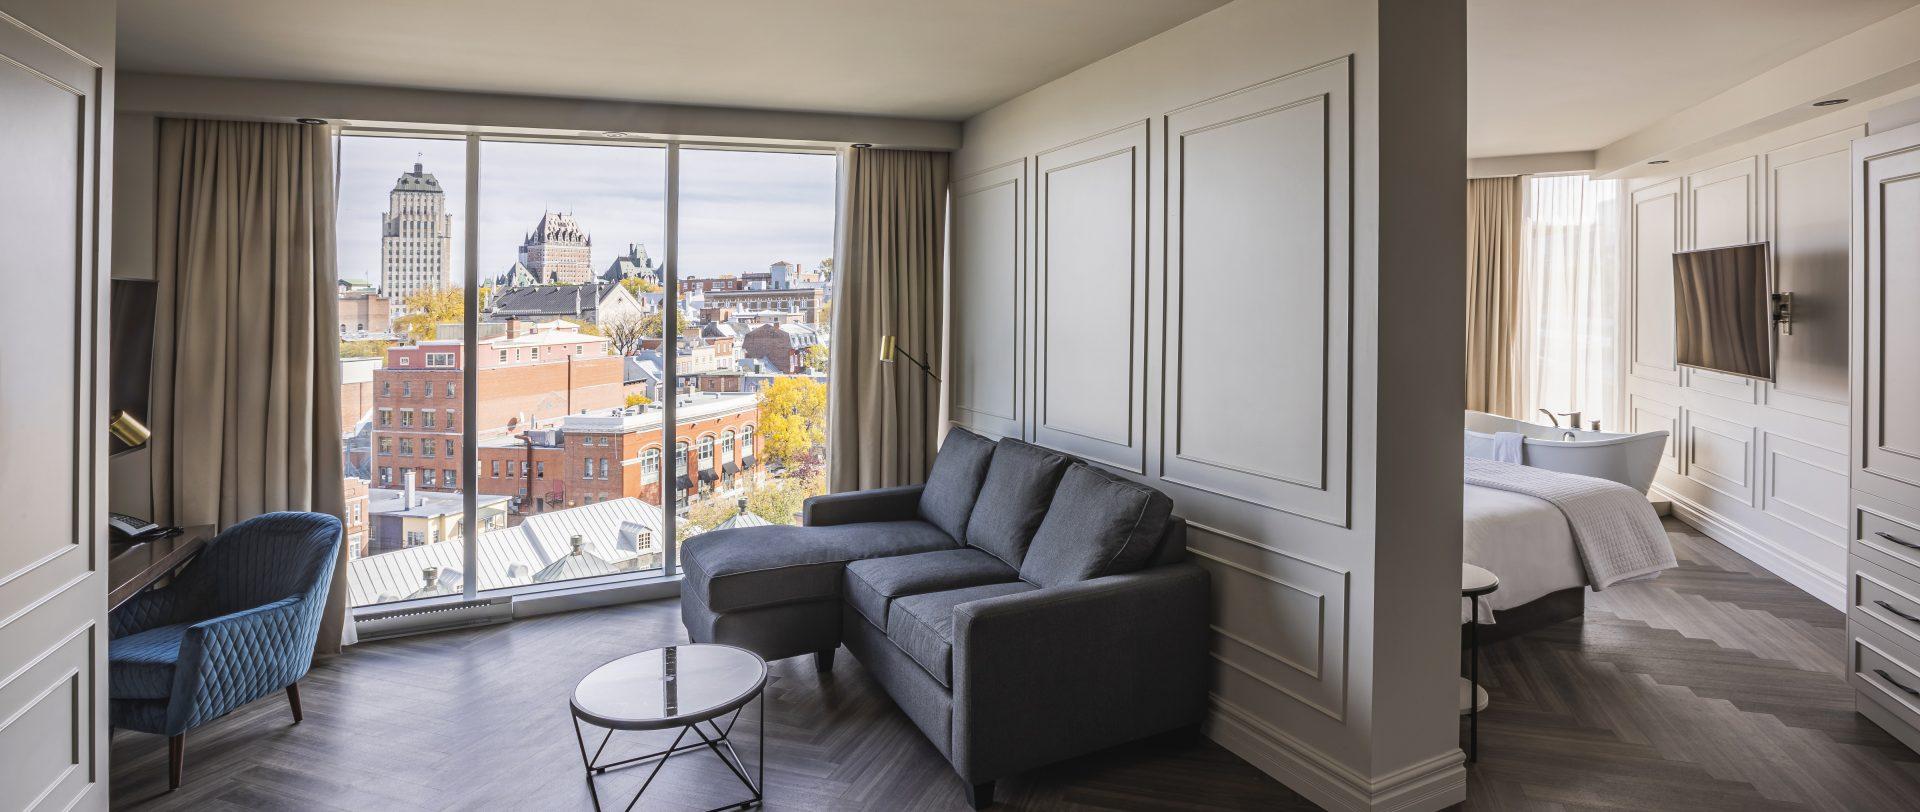 109 chambres, suites et penthouses